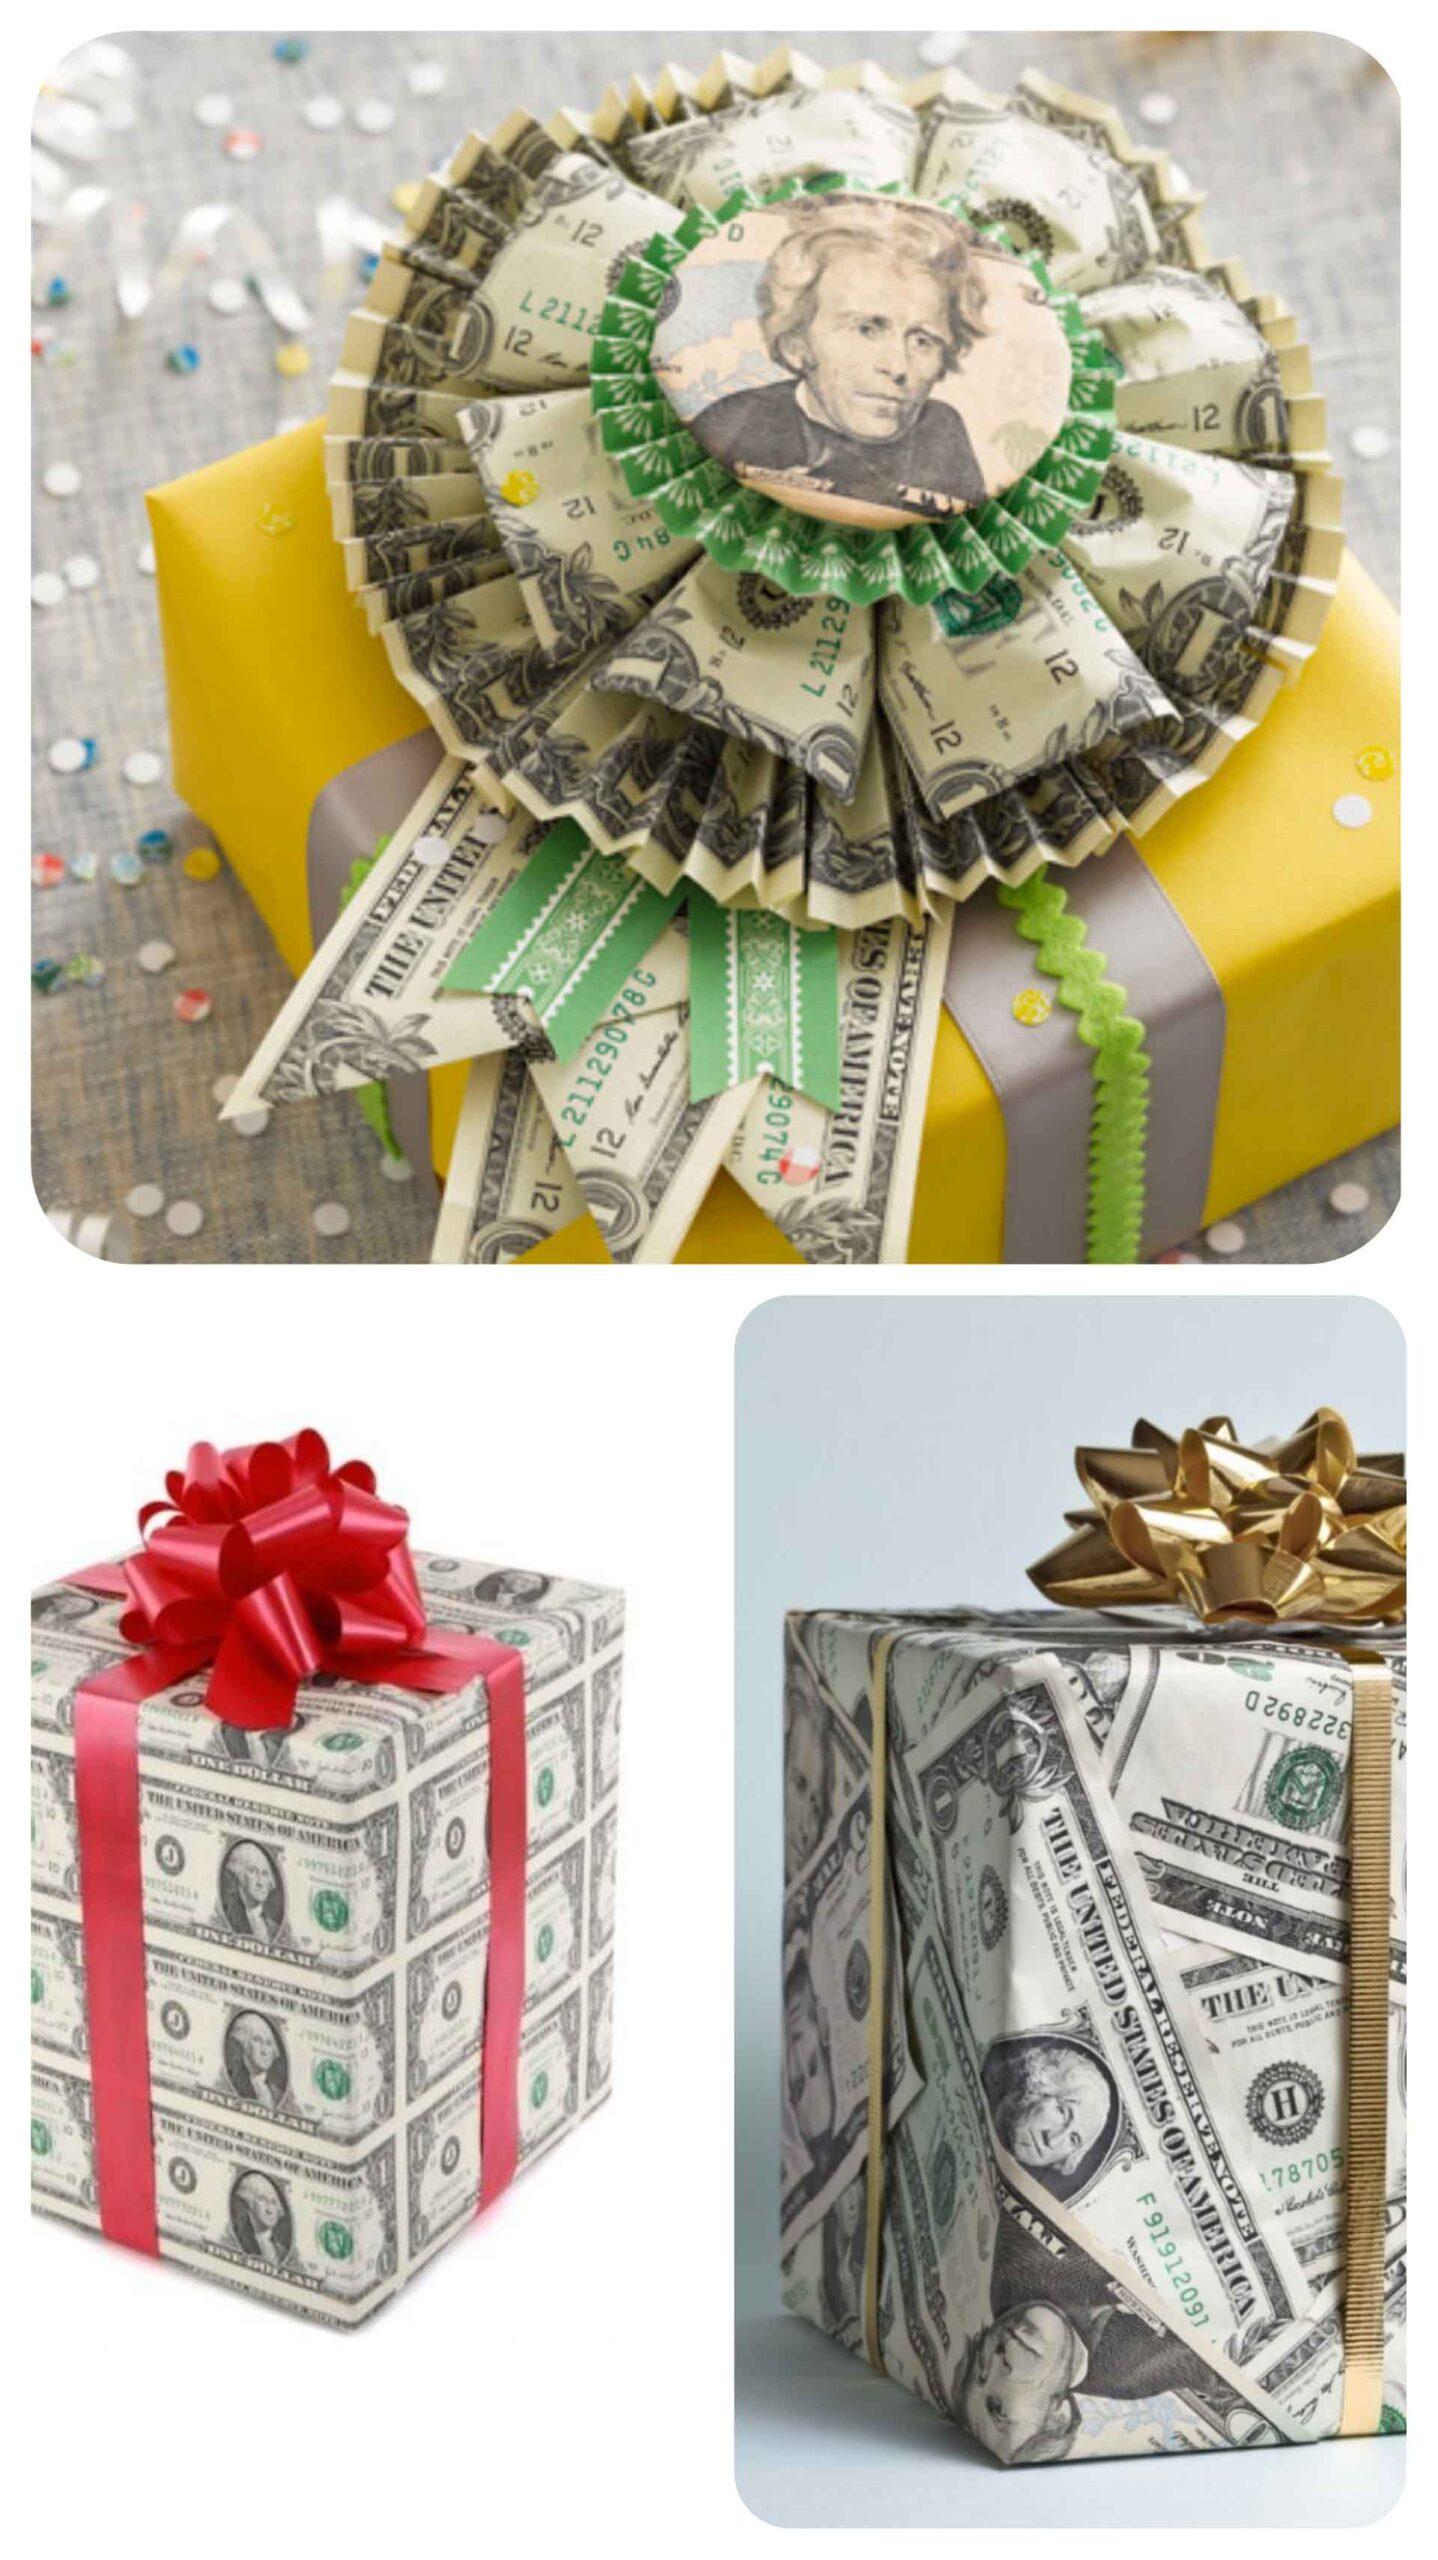 как подарить деньги на свадьбе, как дарить деньги молодоженам, подарок деньгами на свадьбе, как подарить деньги оригинально на свадьбе, идеи как подарить деньги на свадьбе